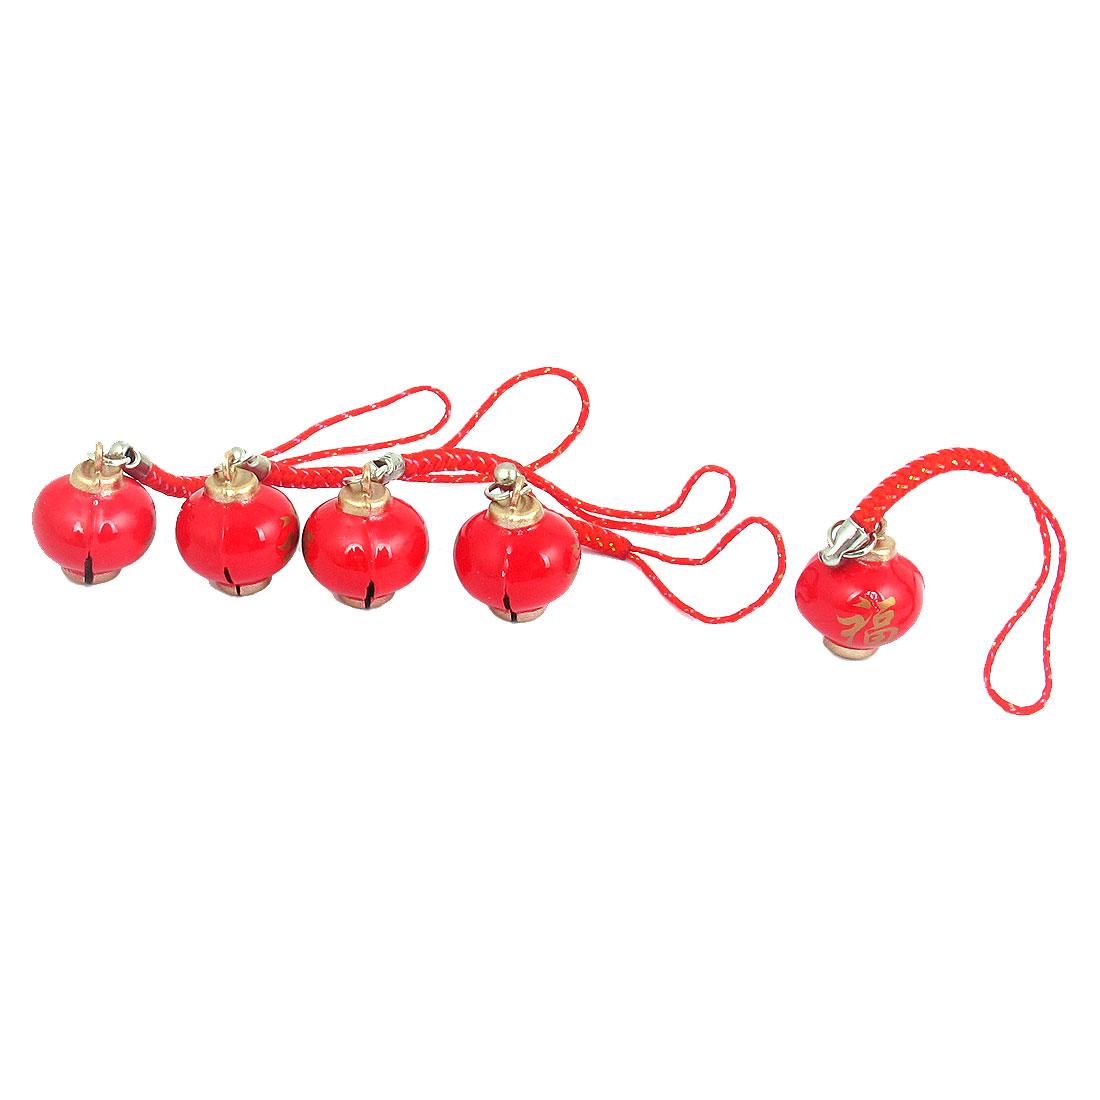 Metal Lantern Shape Hanging Ring Bell Red 18mm Diameter 5 Pcs